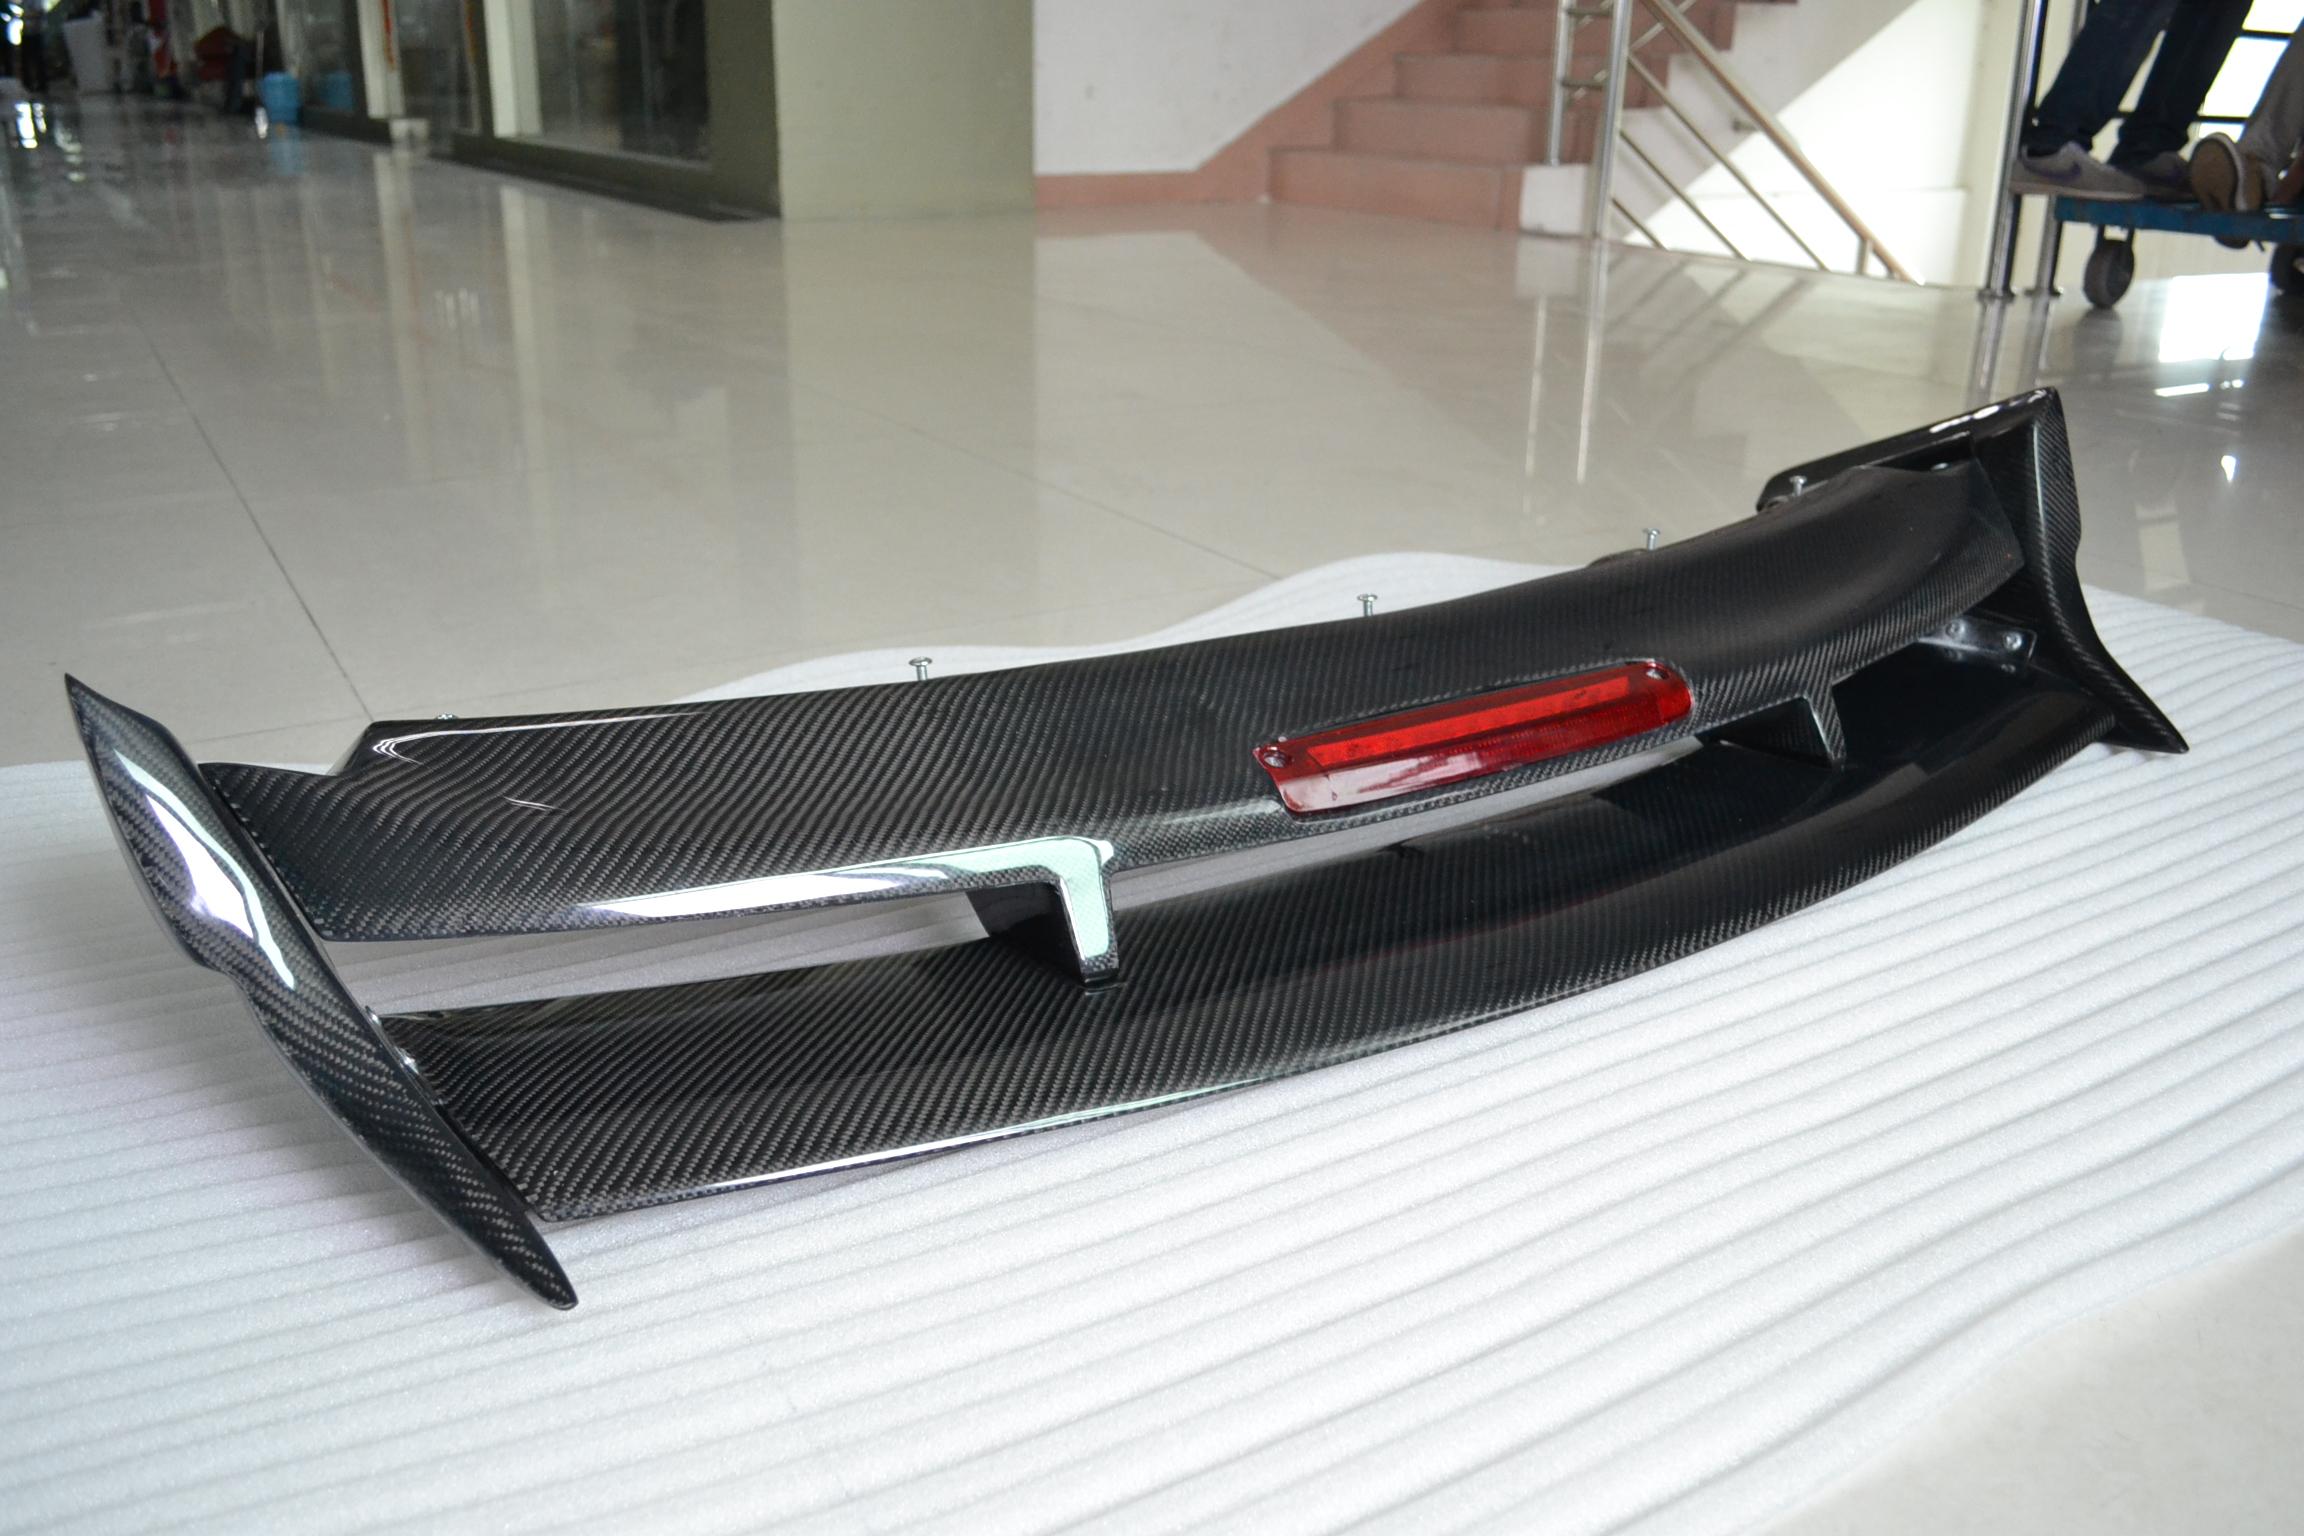 Full Carbon Fiber Bonnet And Rs Styled Spoiler